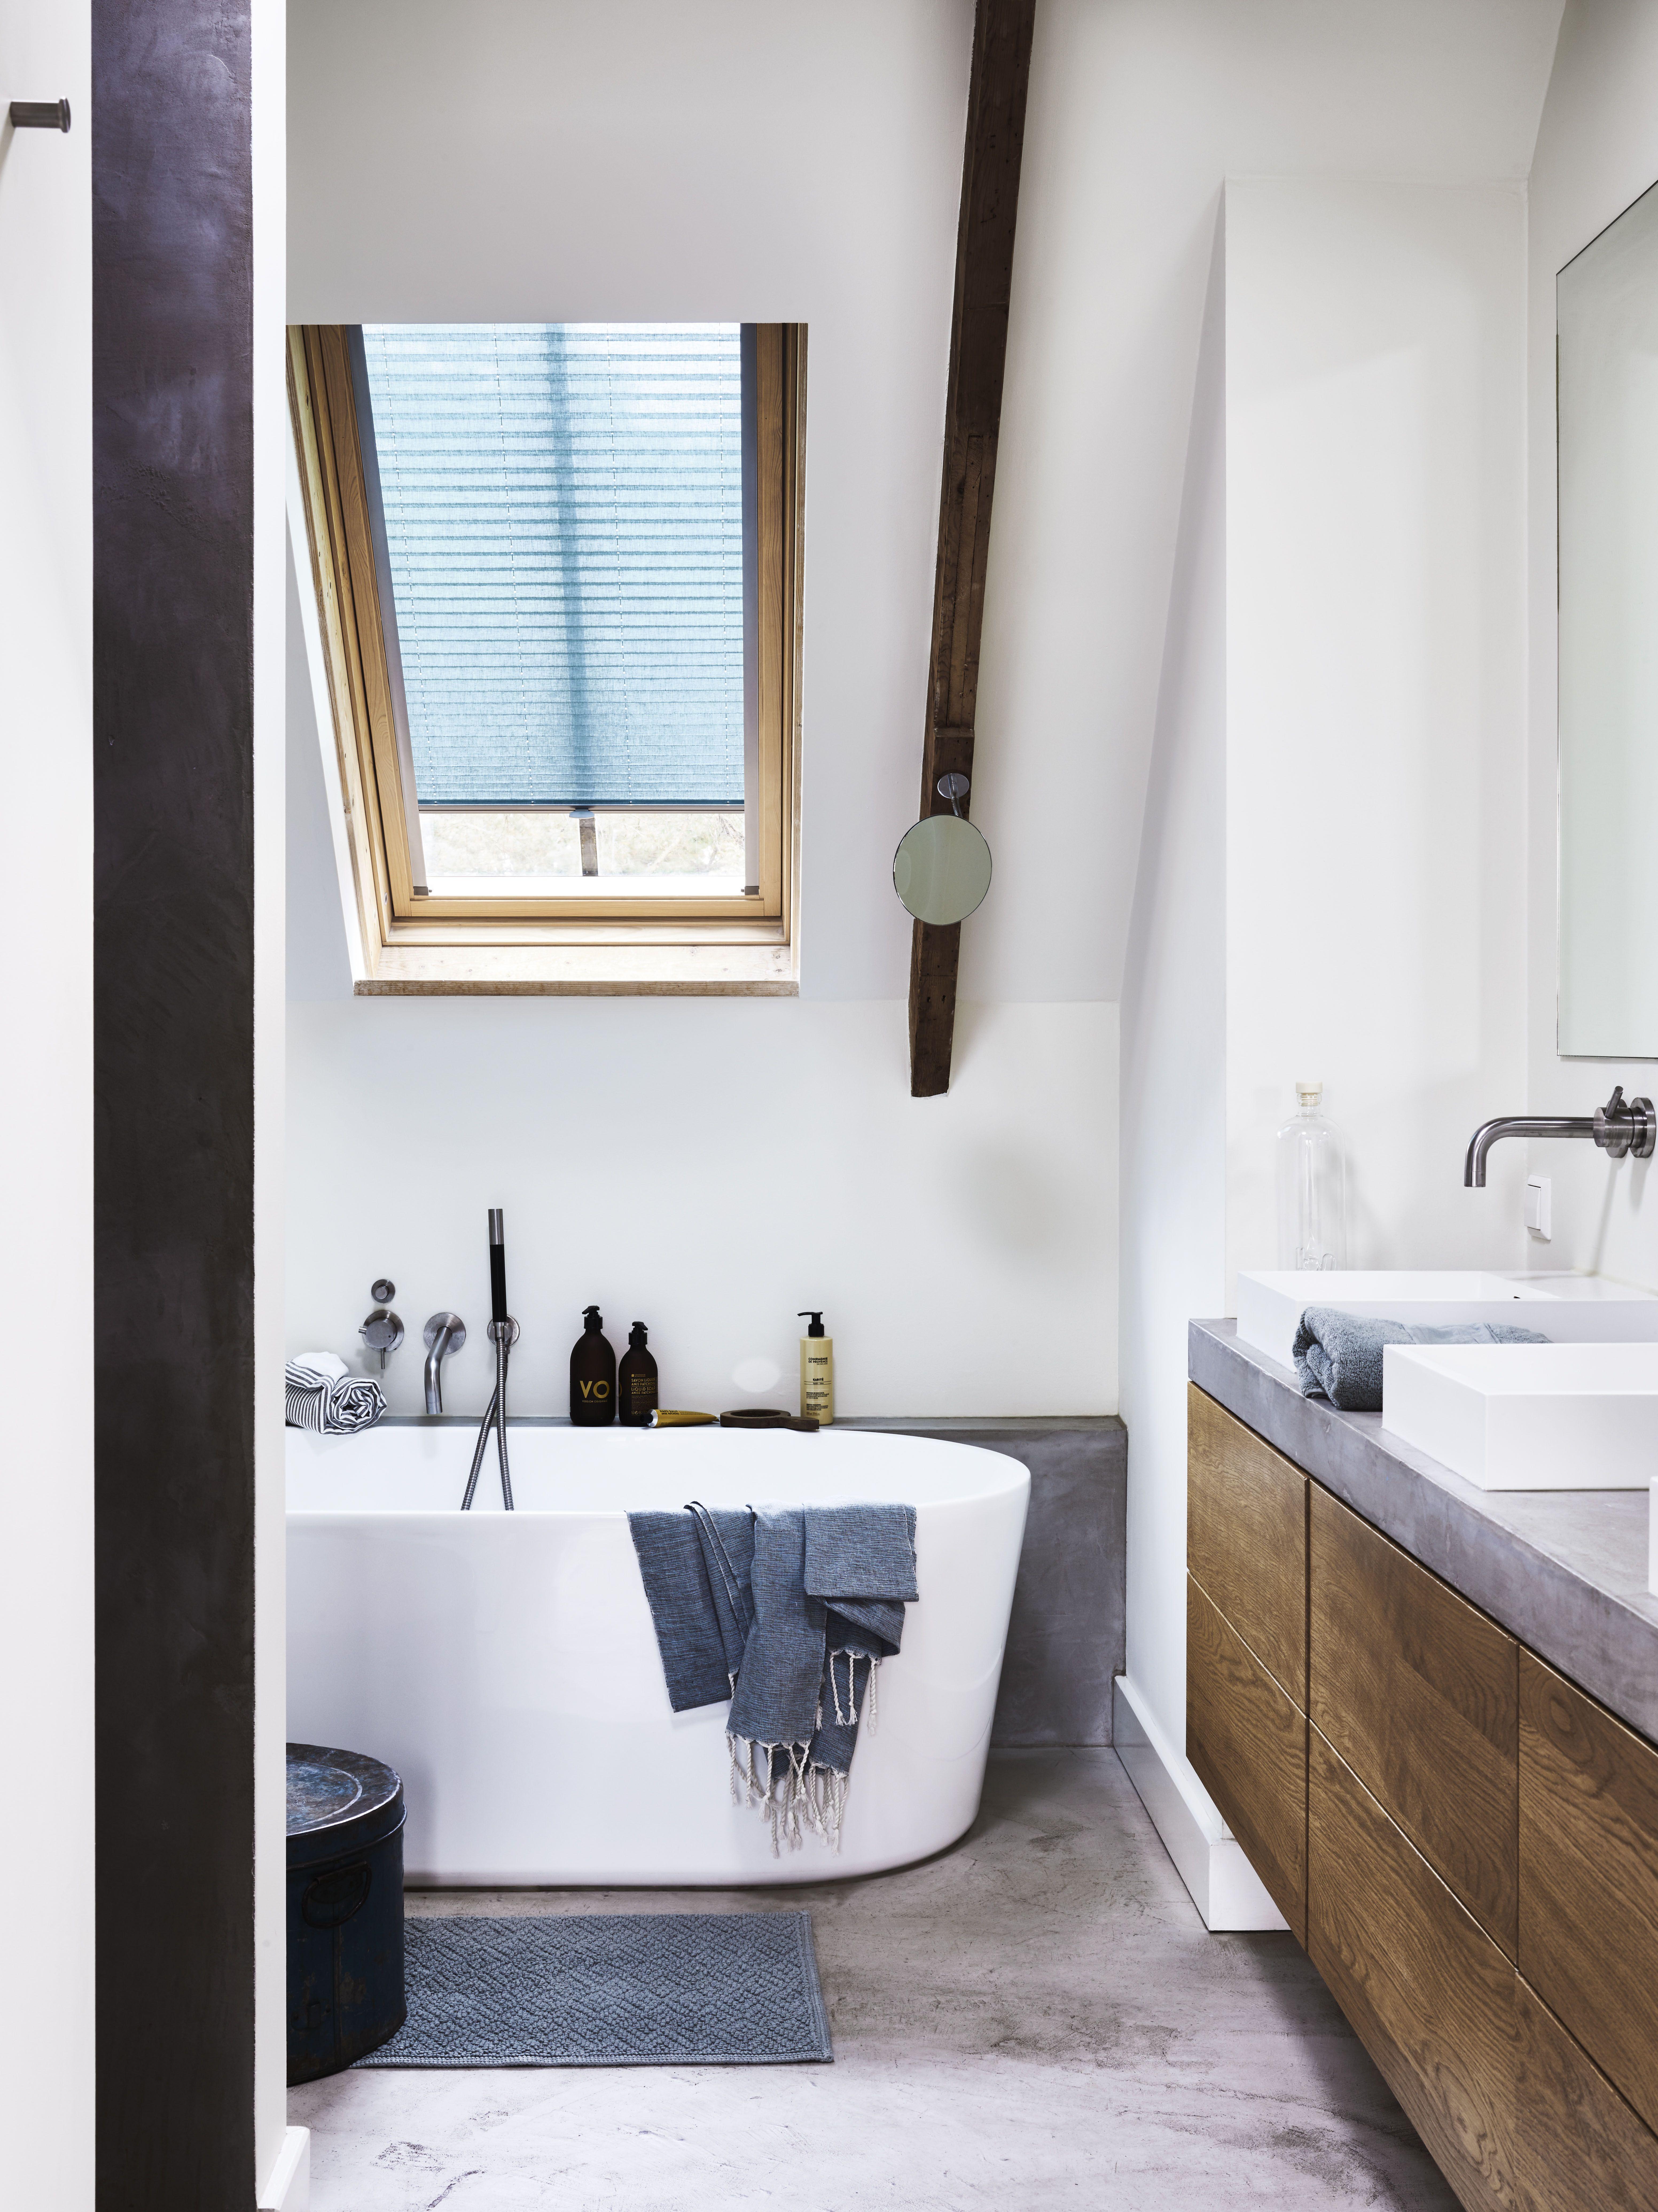 Dakraam, badkamer, geen probleem! #plisse #raamdecoratie #badkamer ...